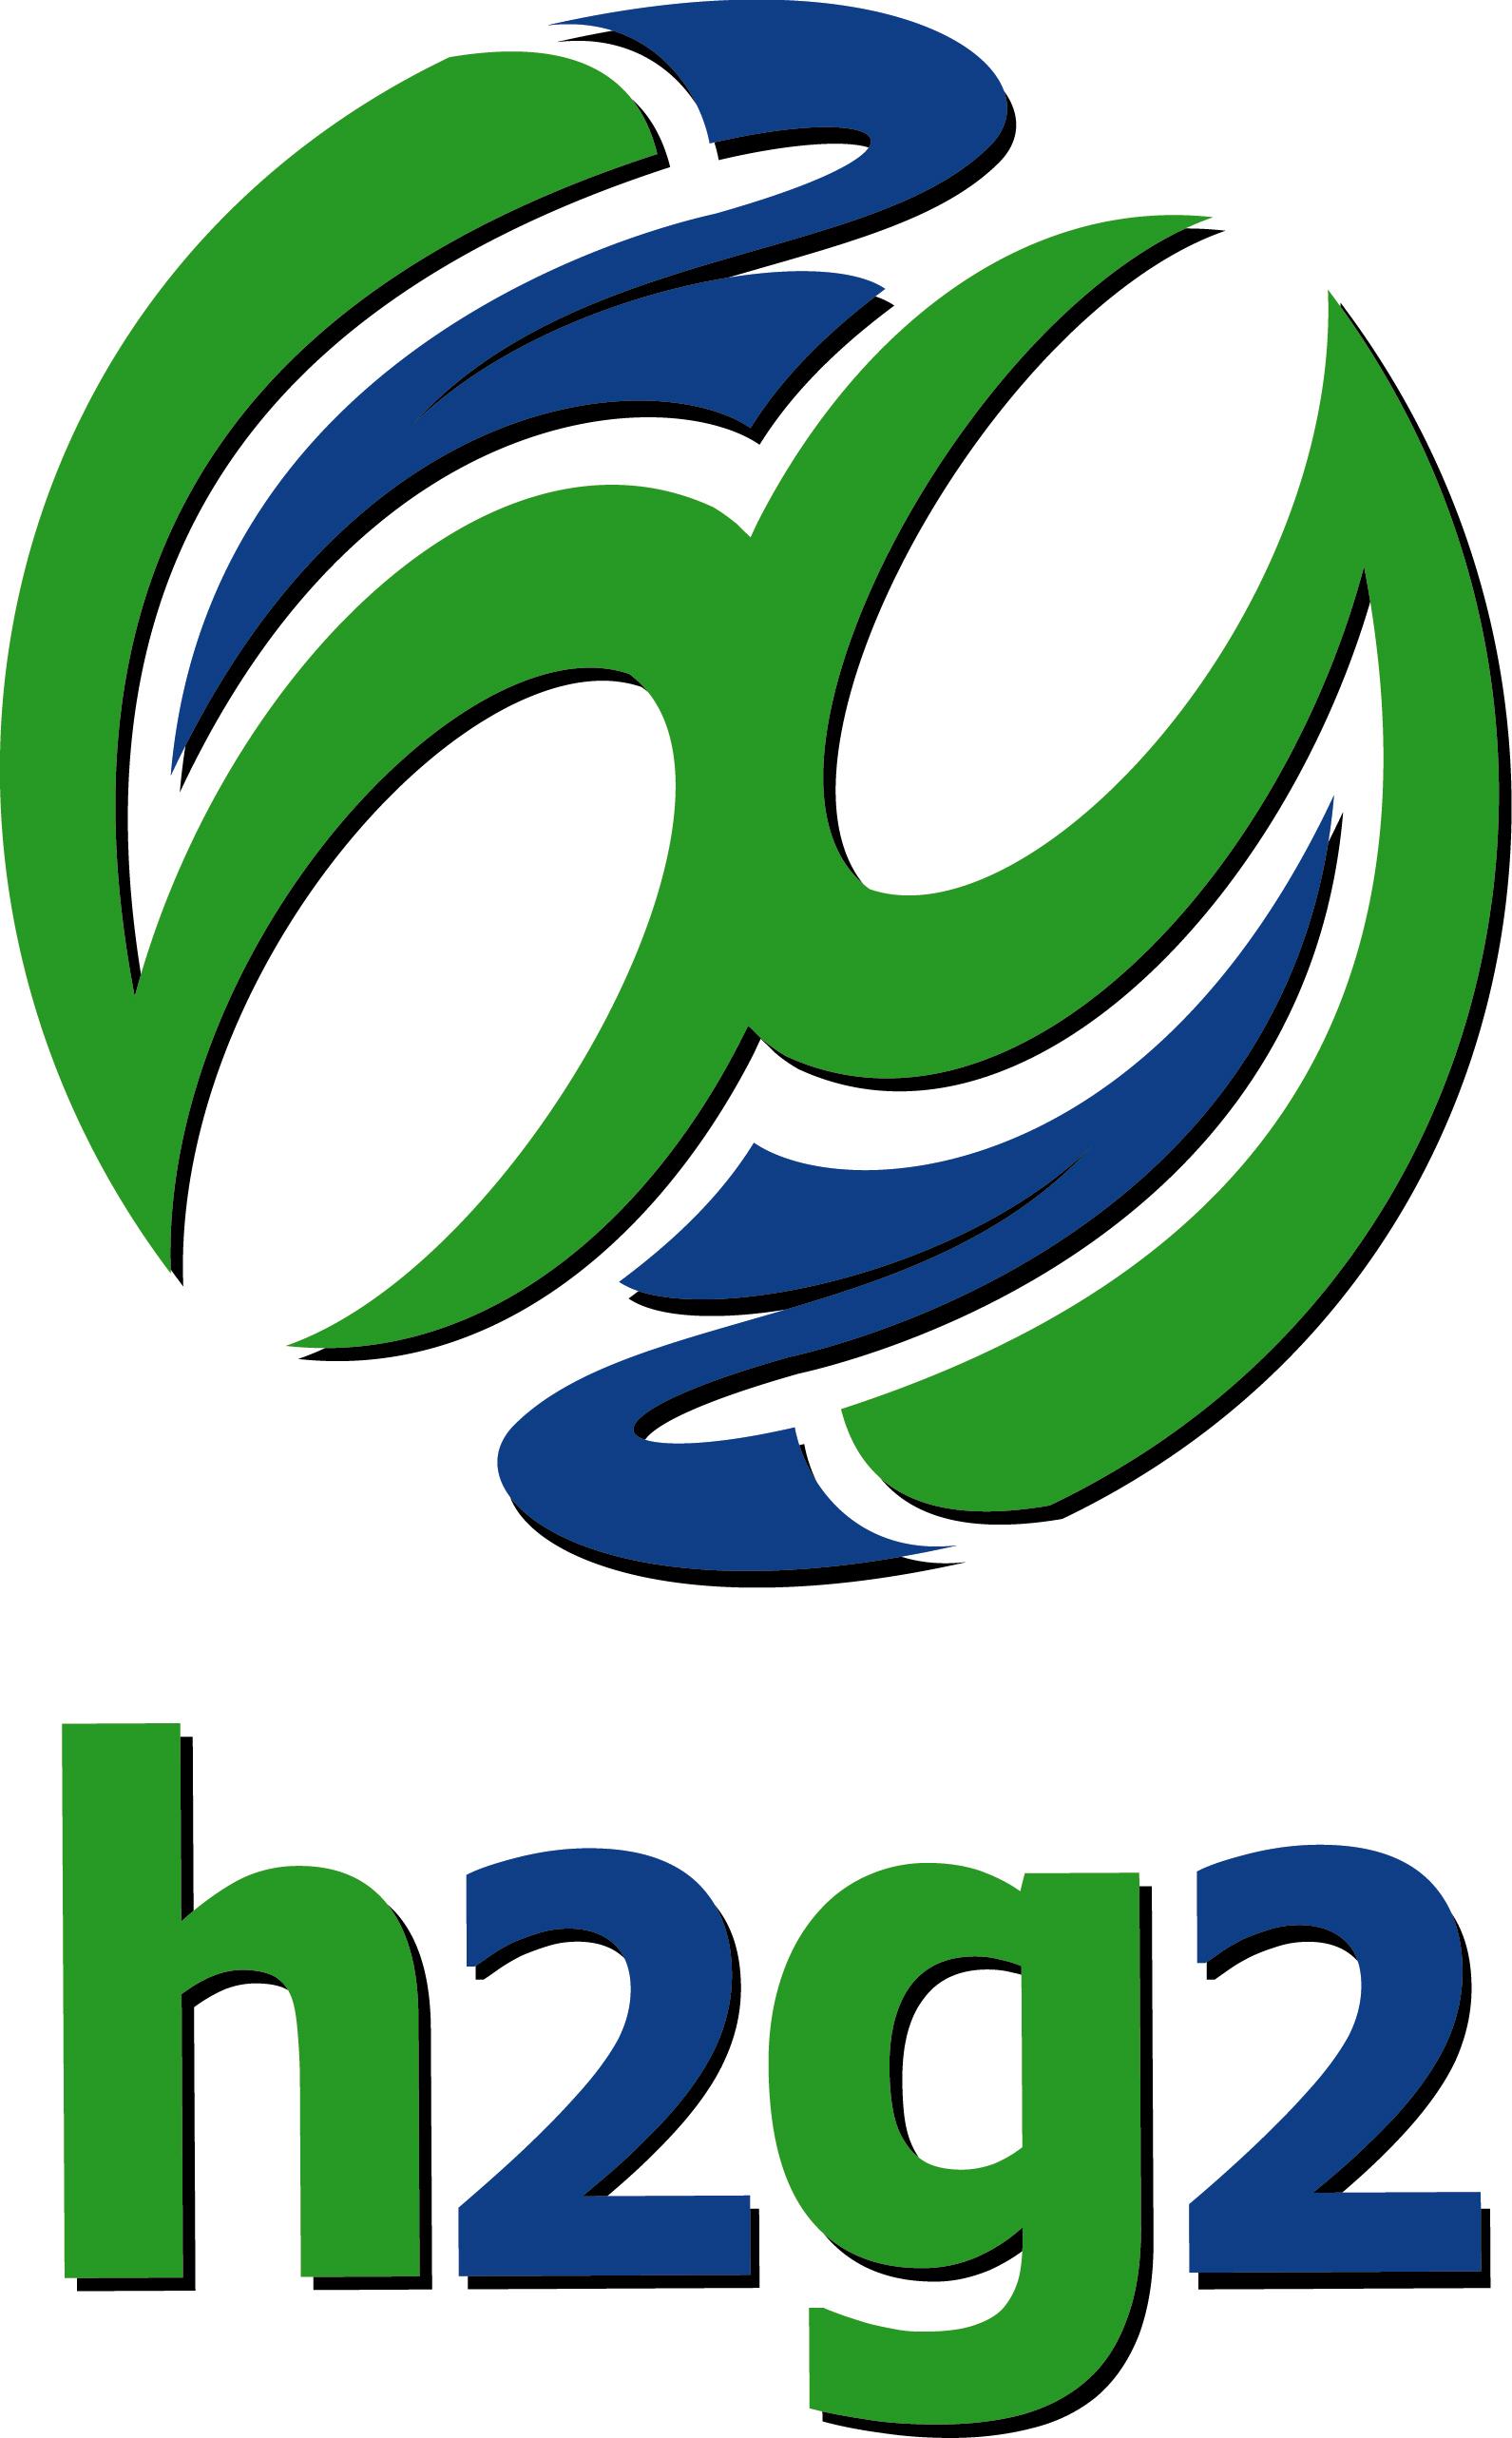 Original h2g2 logo